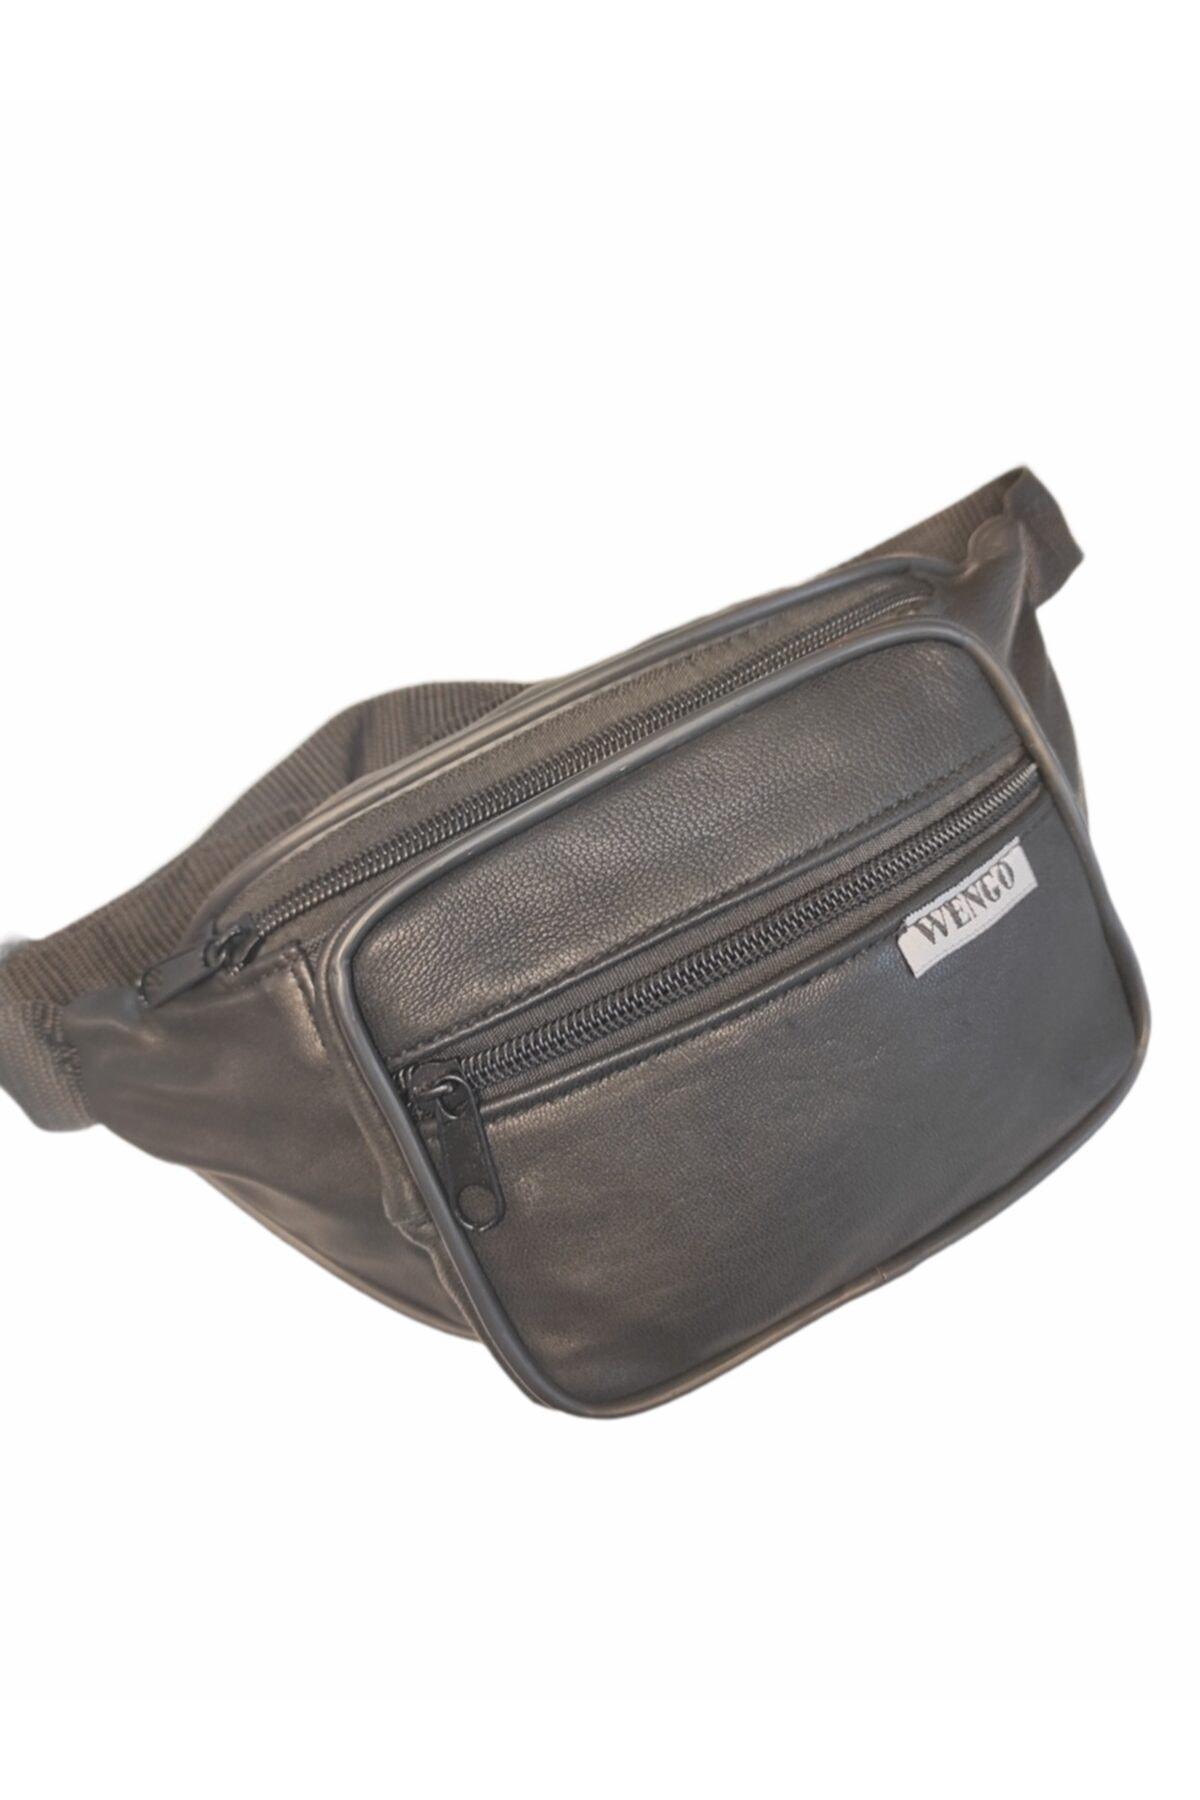 کیف کمری مردانه طرح دار برند Gölge kemer cüzdan ve çanta رنگ مشکی کد ty113264039